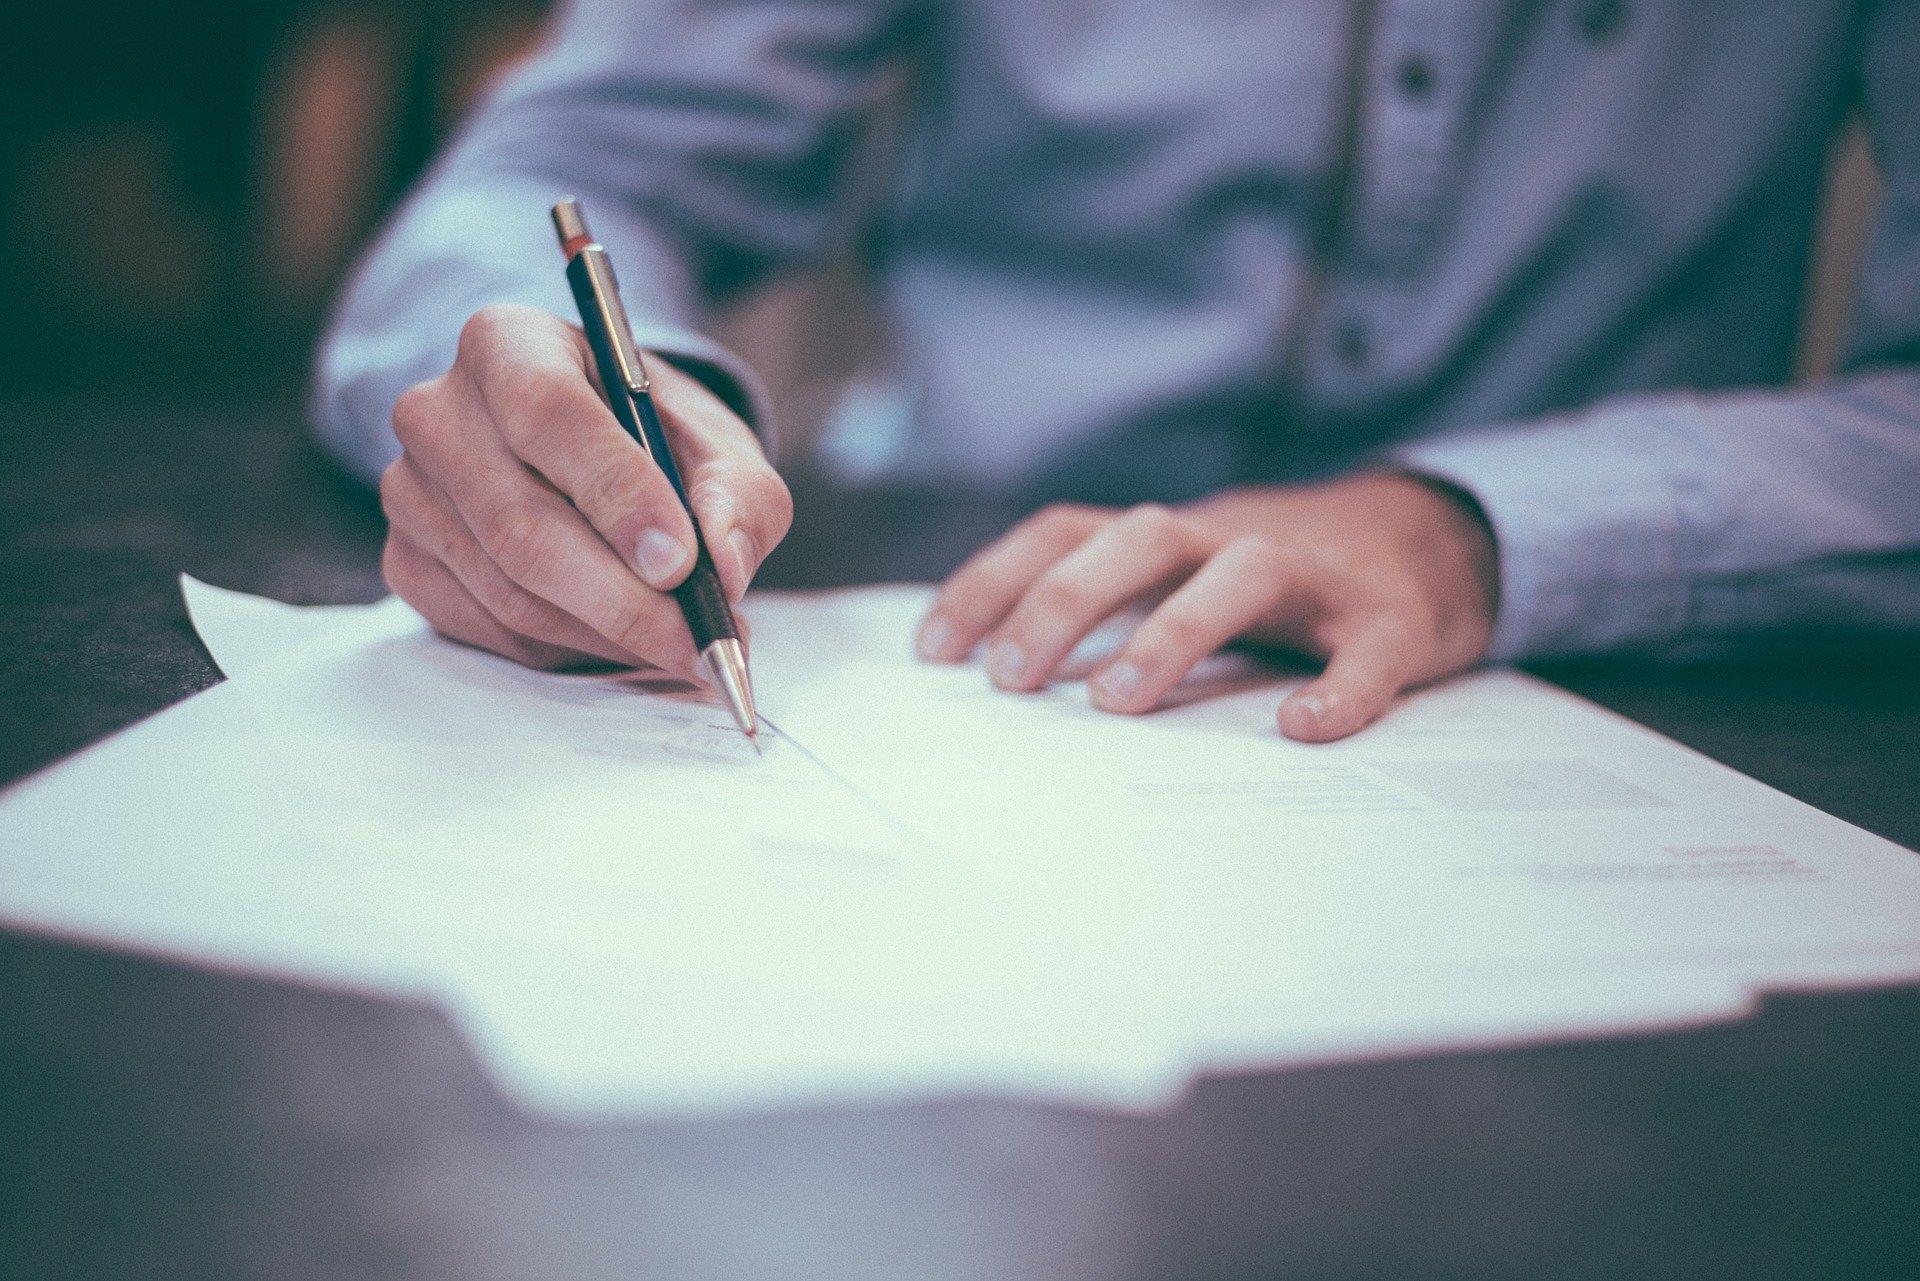 La Chronique Info Emploi d'Aquila RH #1 – Conseils pour l'entretien d'embauche